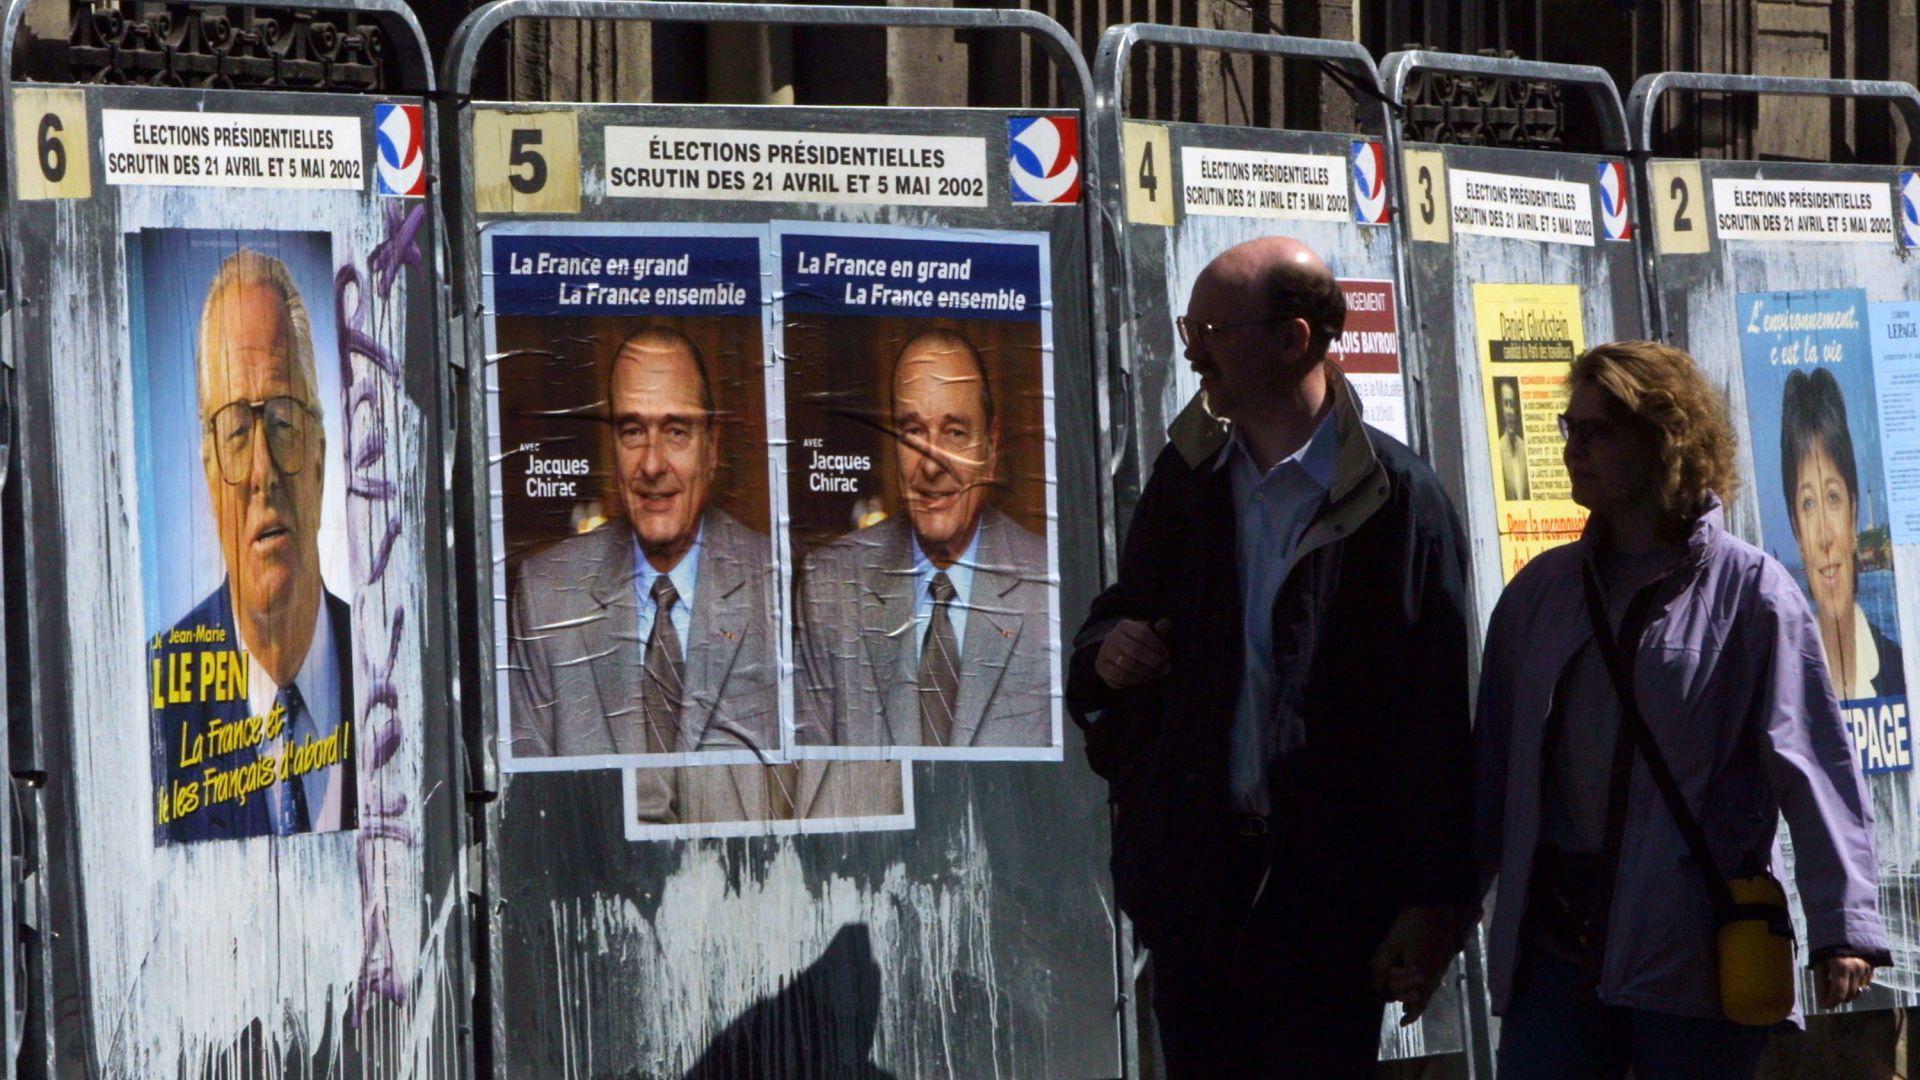 През 2002 година всички партии се съюзяват с Ширак, за да не допуснат победата на крайно-десния Льо Пен